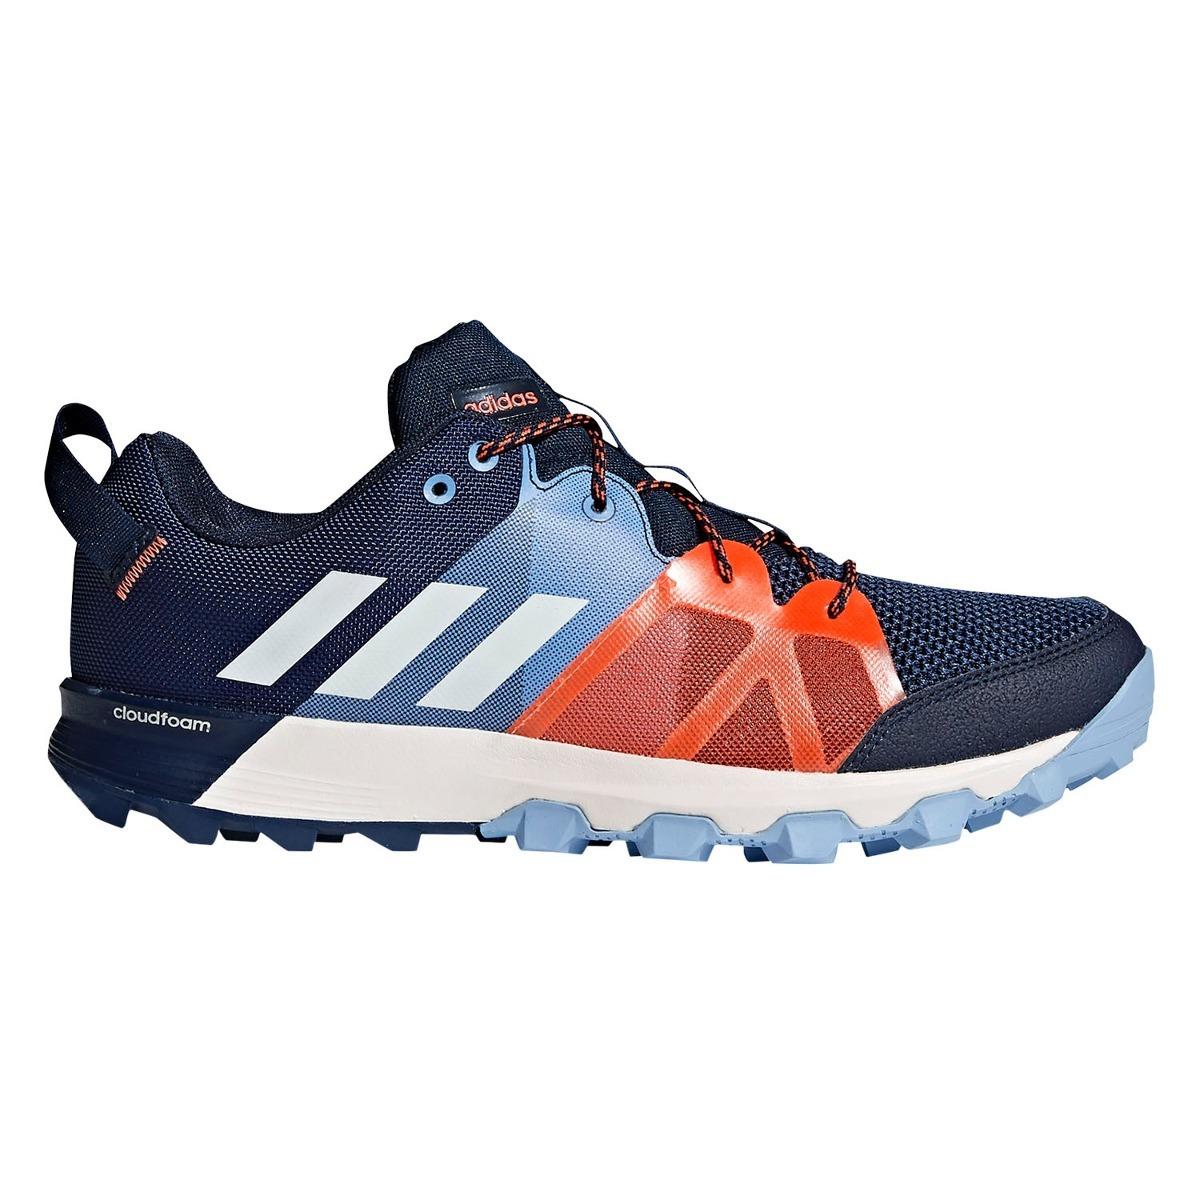 quality design d10f6 bf4d1 zapatillas adidas kanadia 8.1 tr trail running hombre. Cargando zoom.